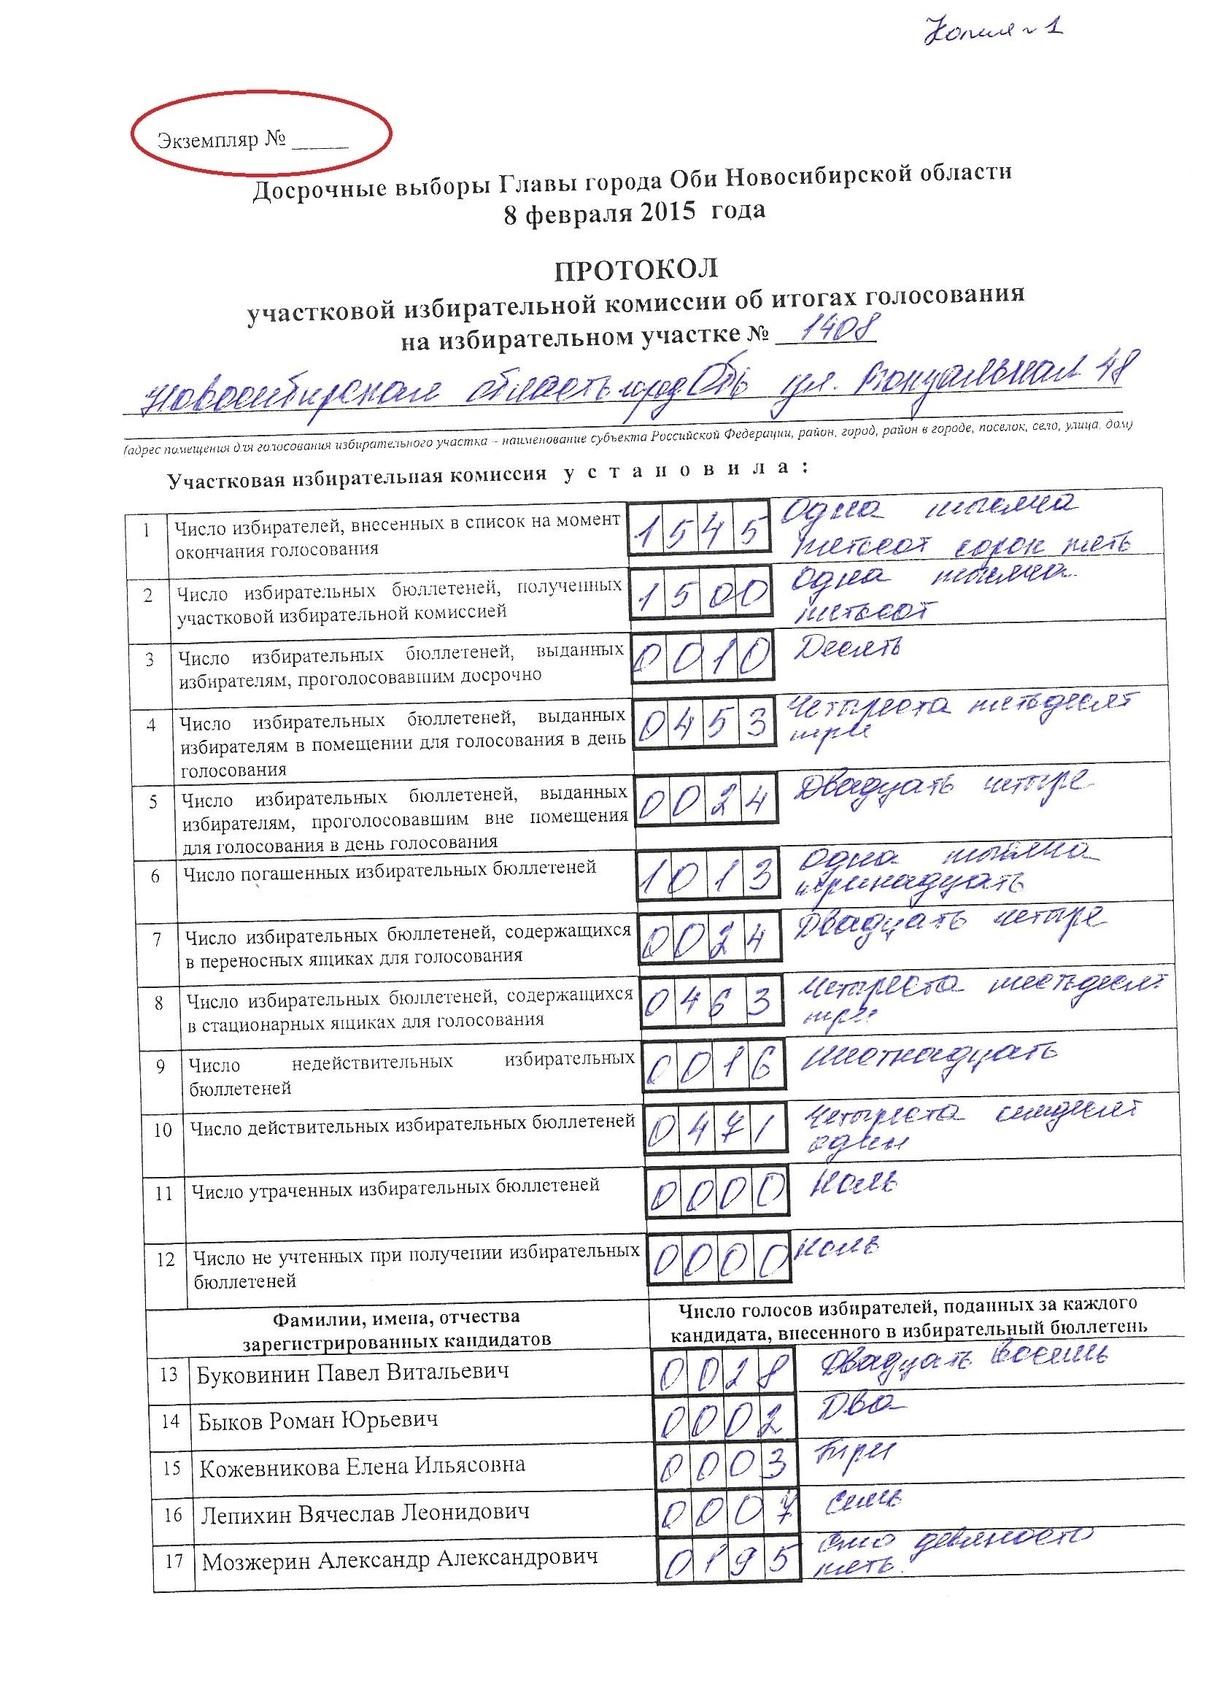 УИК №1408_1